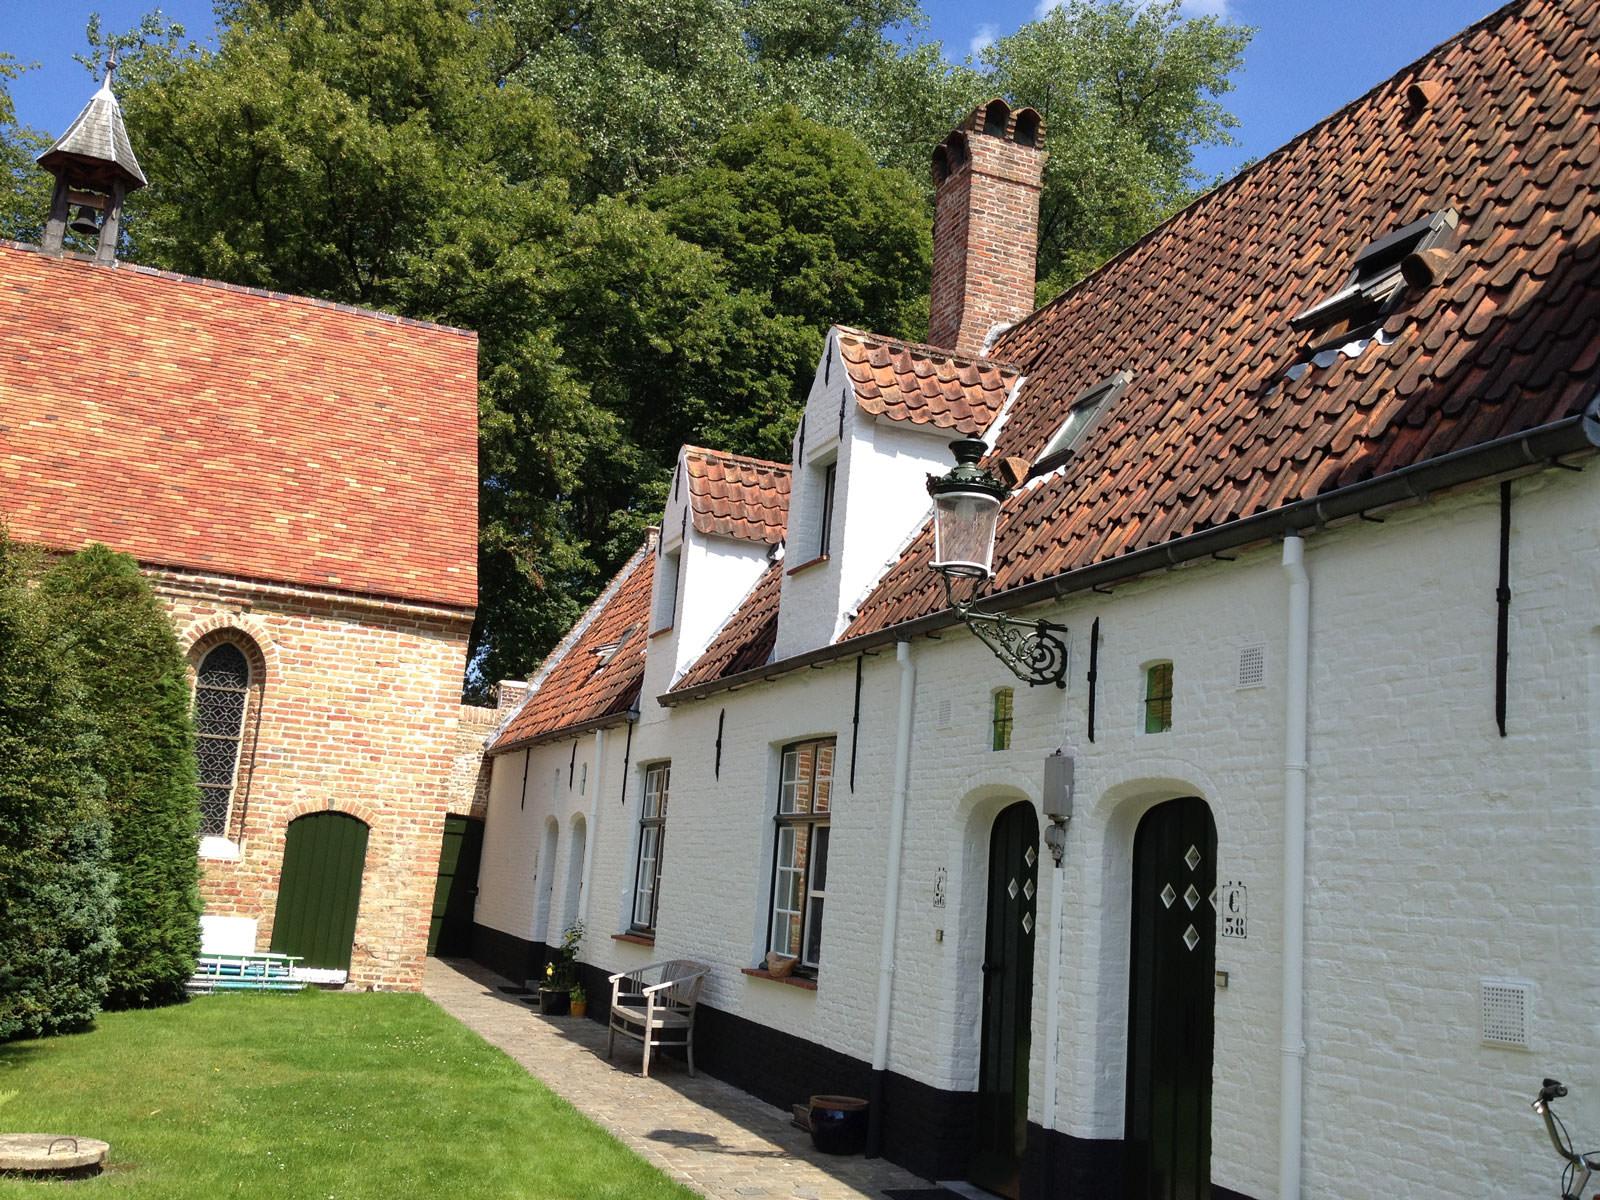 Prinselijk begijnhof Brugge doet beroep op ervaring in gevelrenovatie!